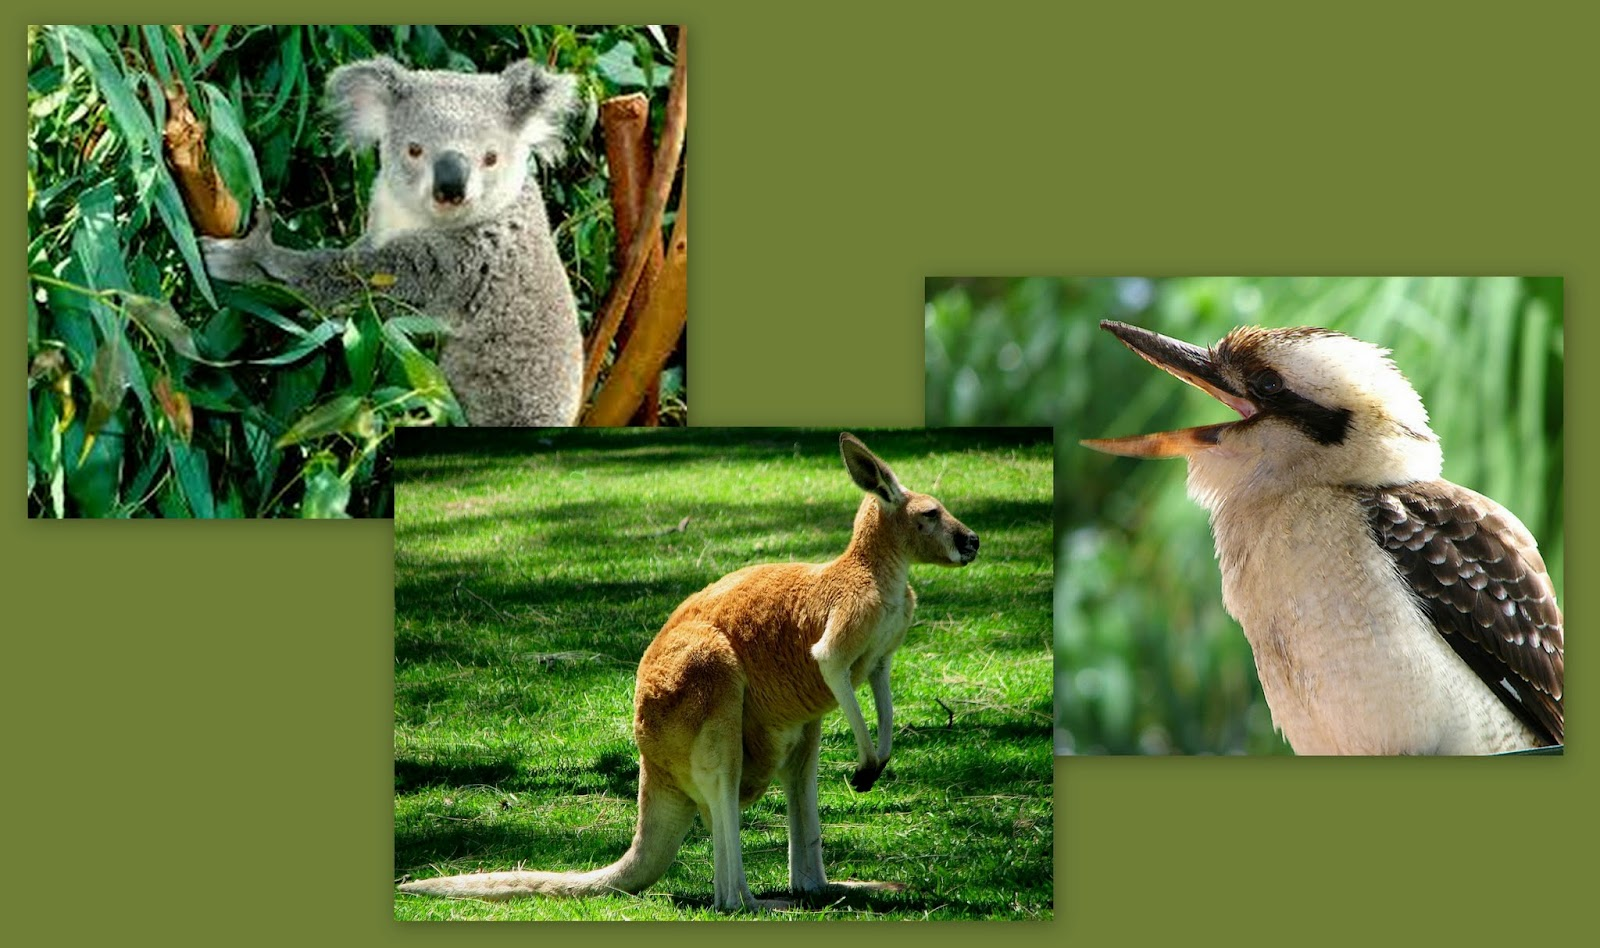 50 Years Around The World Kooka S Koalas And Kangaroos